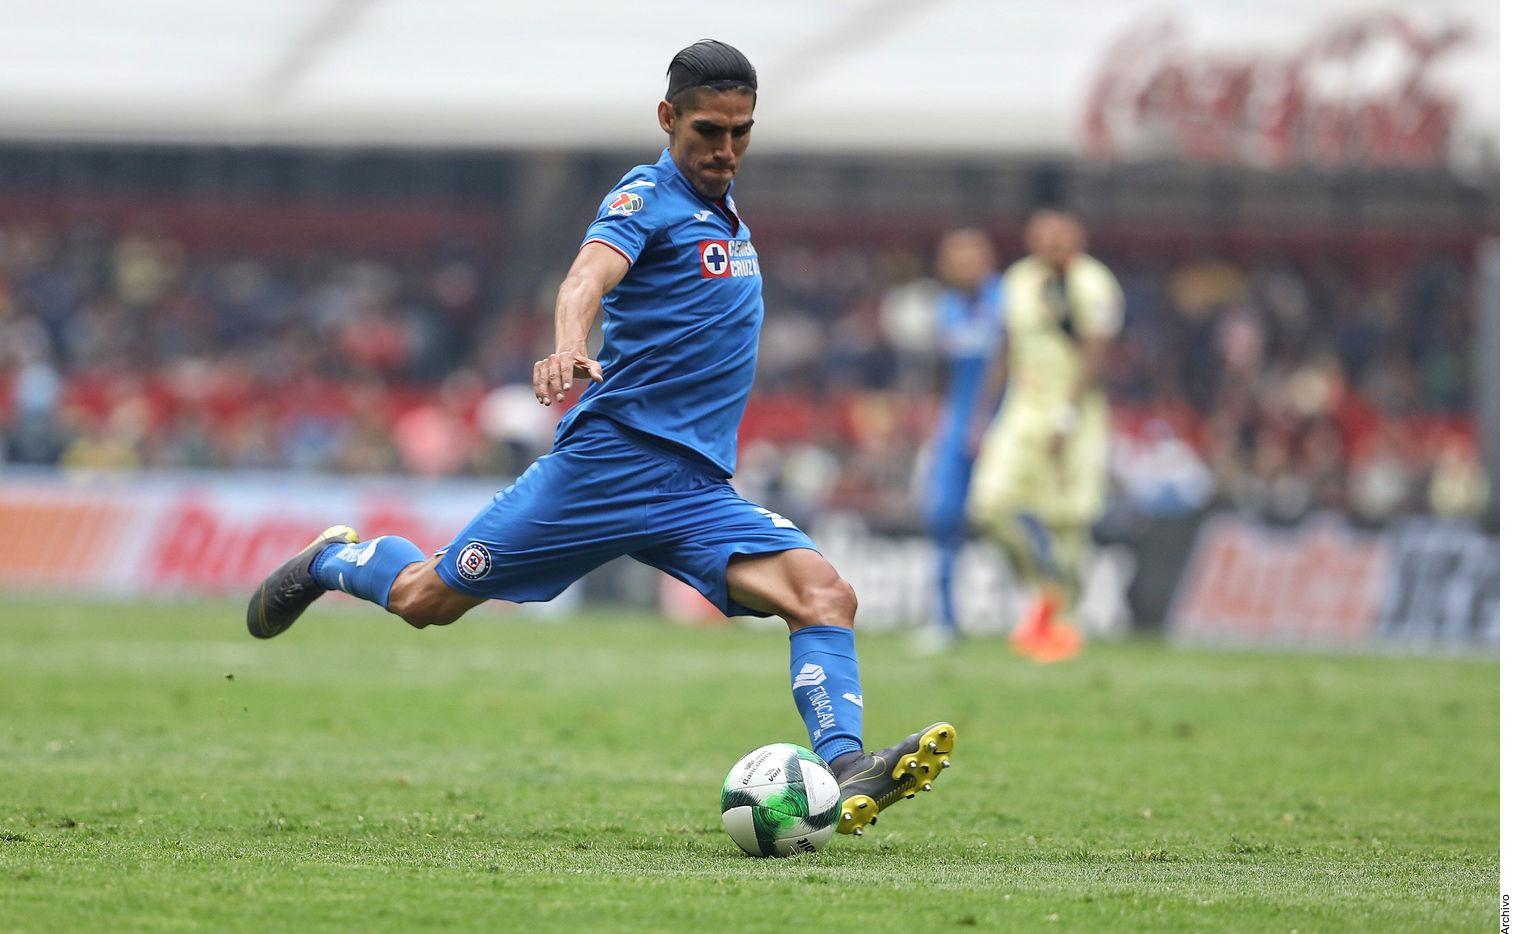 José Madueña está cerca de las Chivas. Antes, jugó con Tijuana, Dorados, América, Atlas y Cruz Azul.